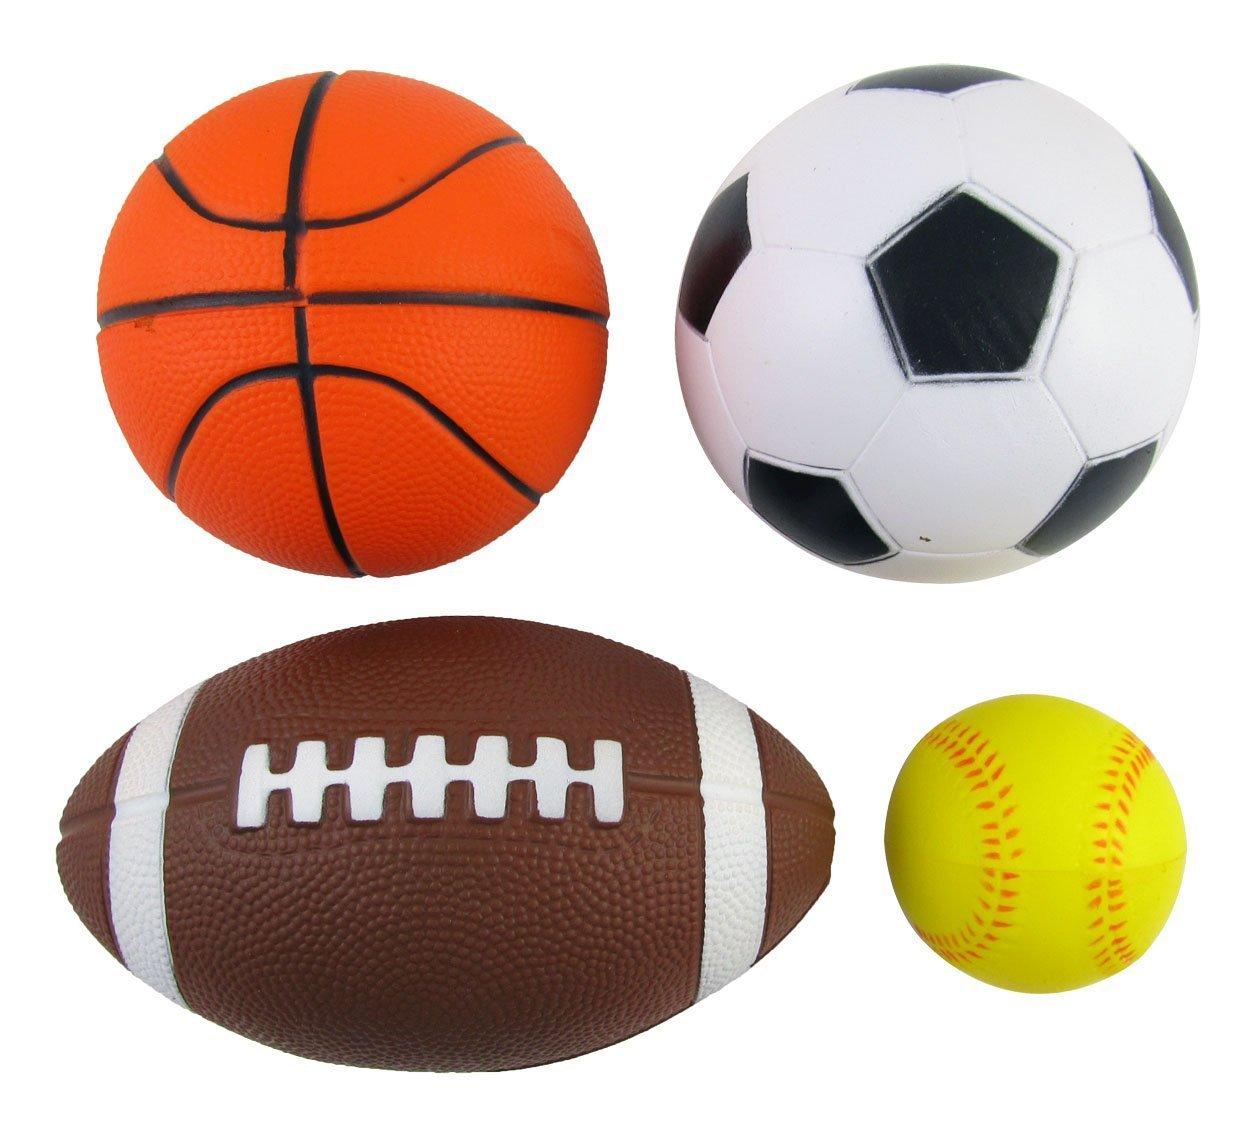 Soccer ball toys